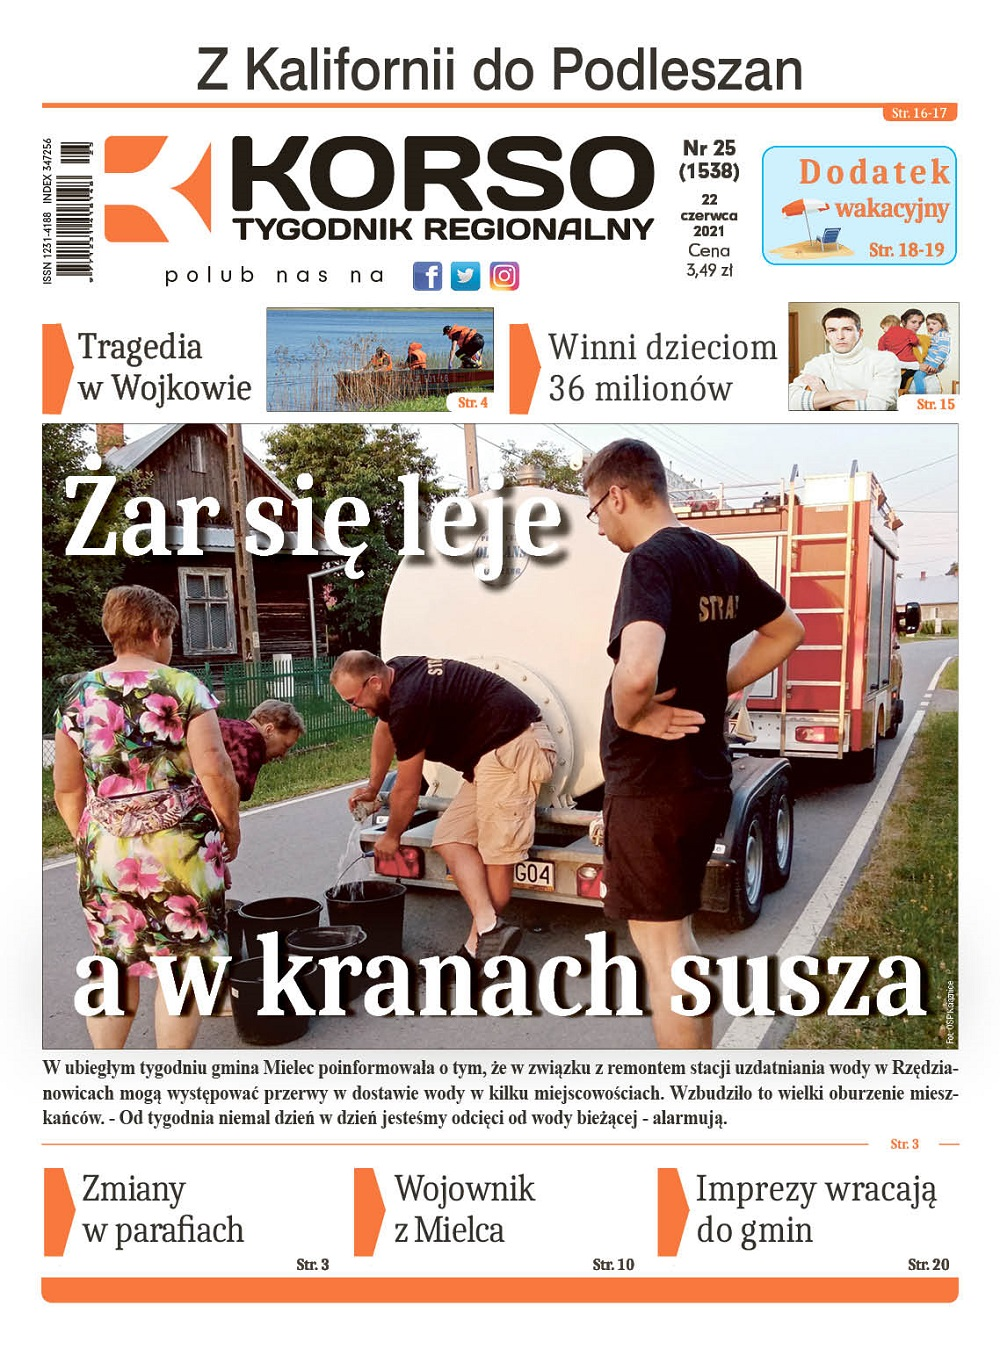 Tygodnik Regionalny KORSO nr 25/2021 - Zdjęcie główne